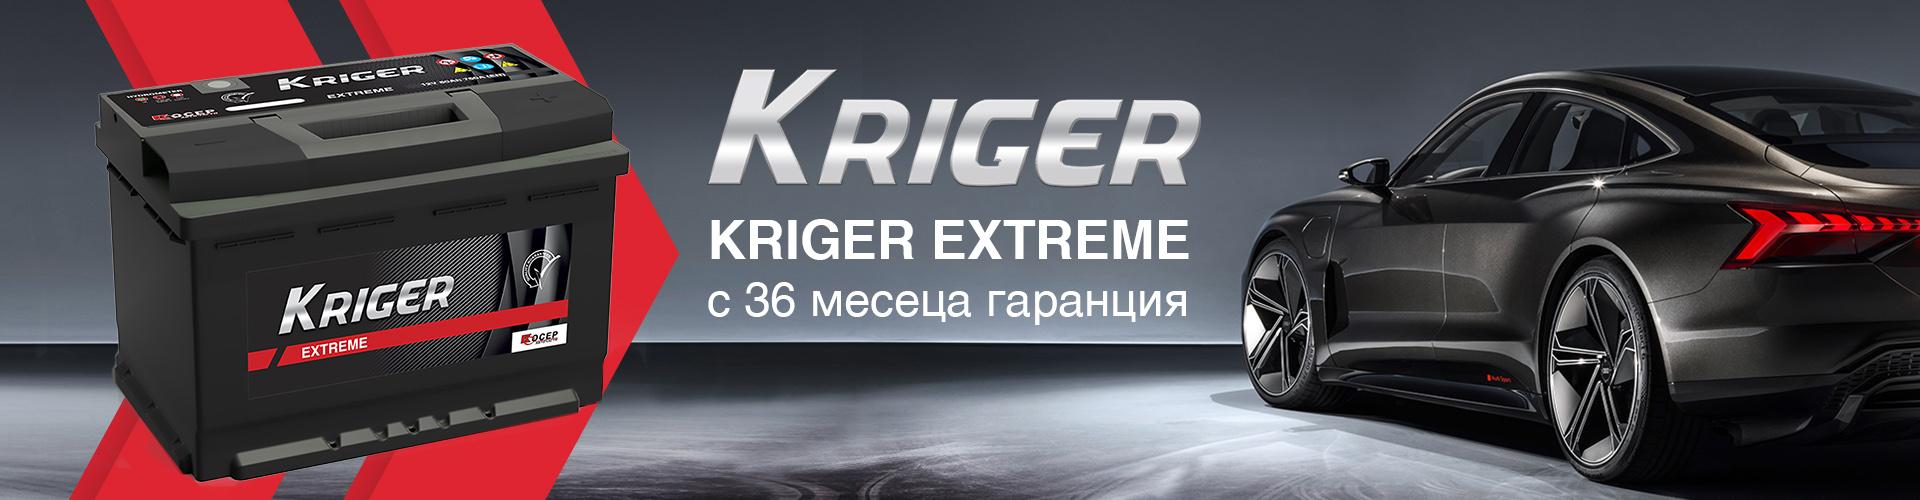 kriger_extreme_banner.jpg